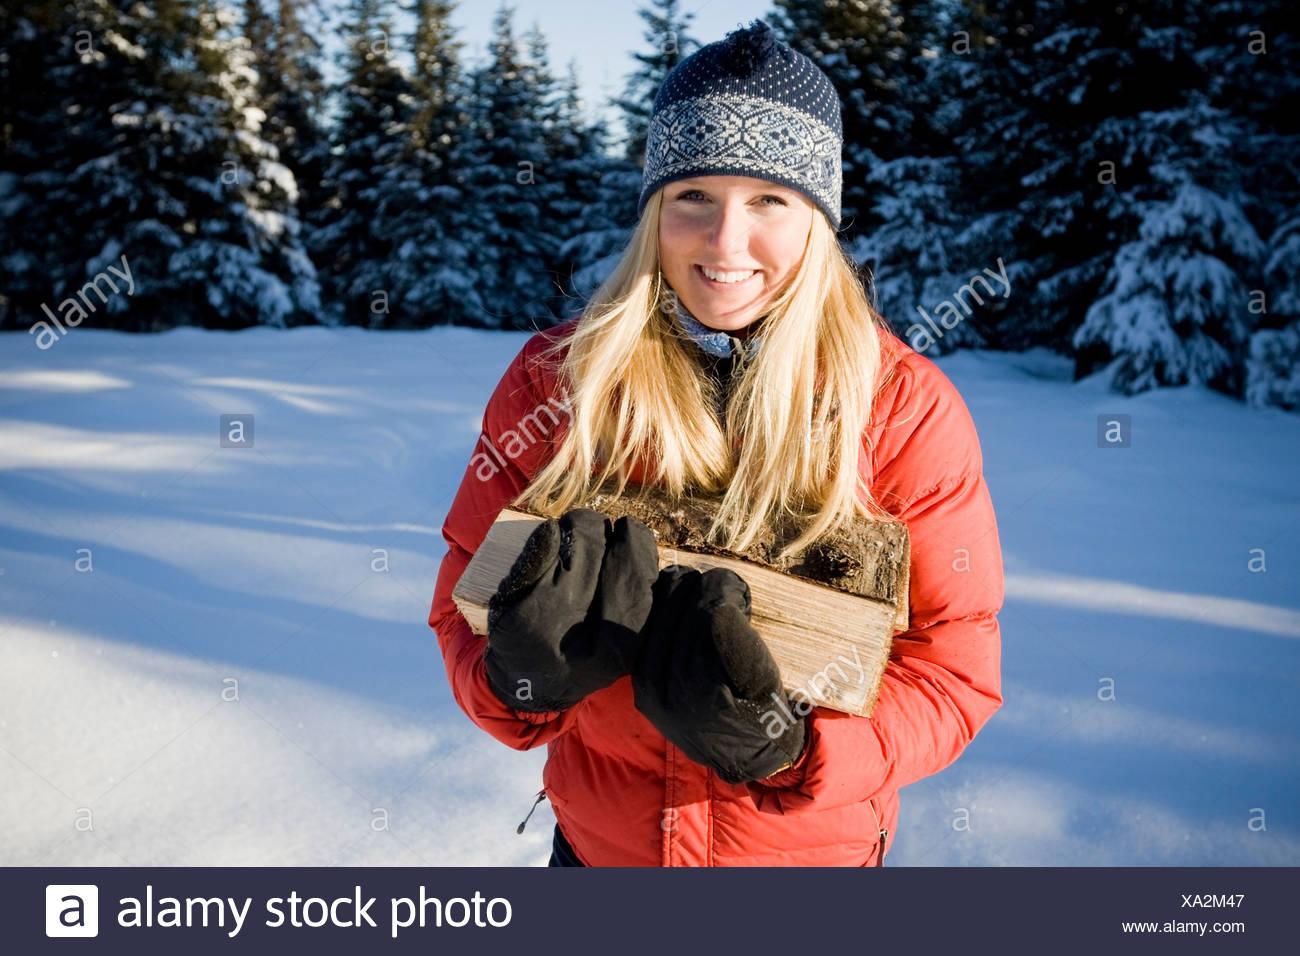 Mujer joven en raquetas de nieve lleva madera cortada cerca de Homer, Alaska durante el invierno. Imagen De Stock